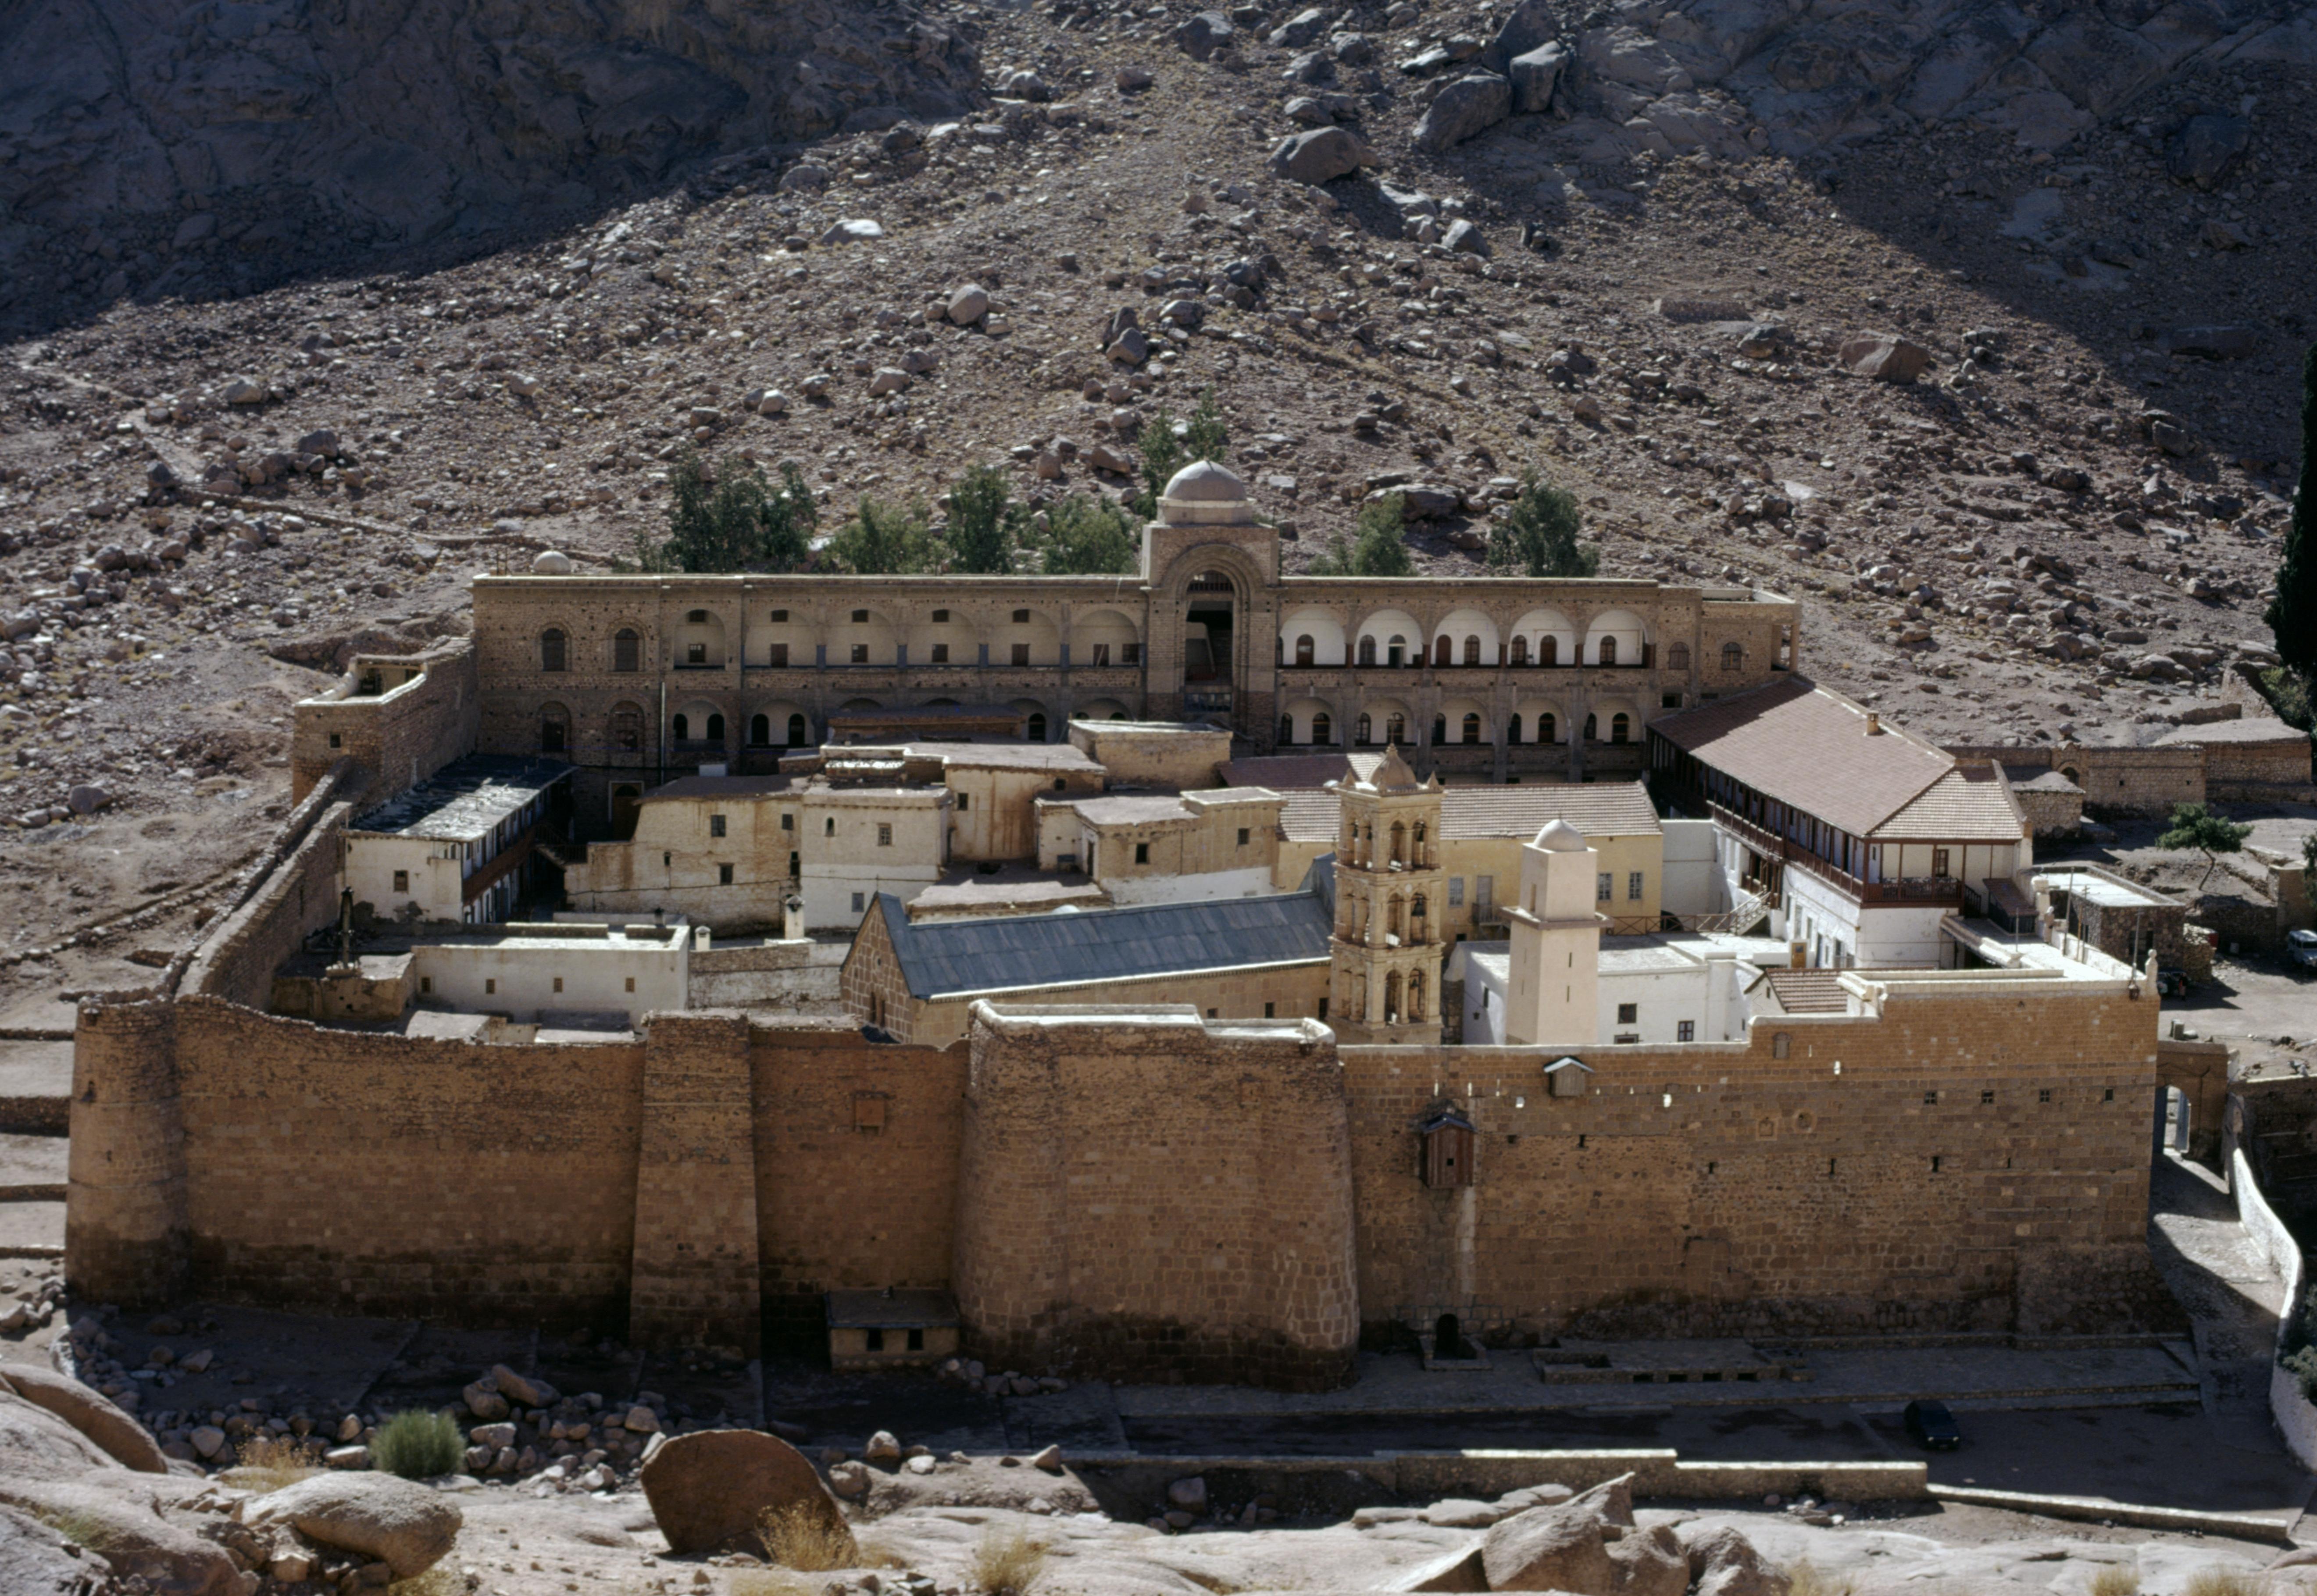 Saint Catherine's Monastery, 6th century (UNESCO World Heritage List, 2002), Sinai Peninsula, Egypt.